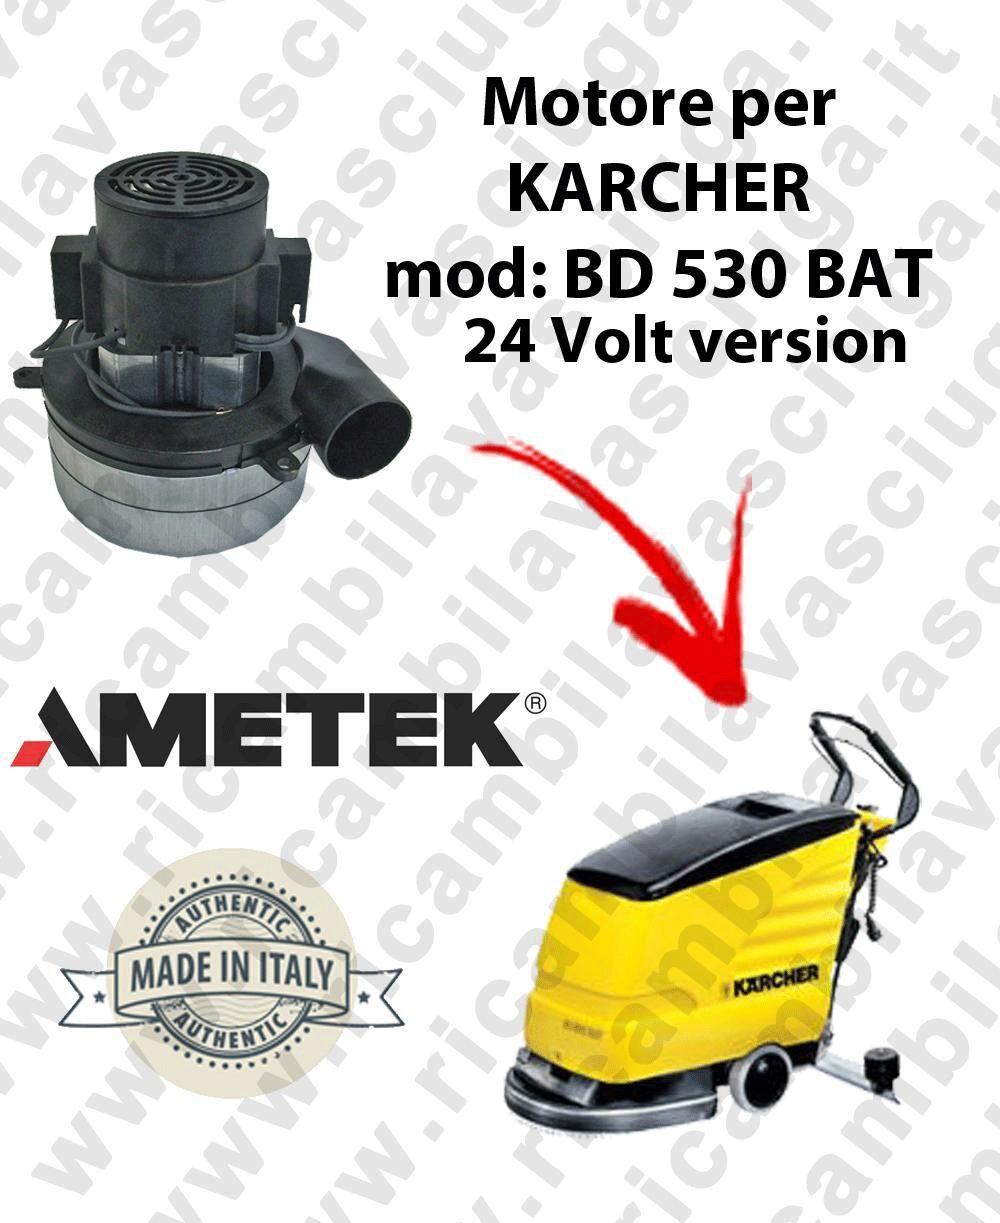 Karcher BD 530 BAT 24 VOLT Motore Ametek di aspirazione per lavapavimenti